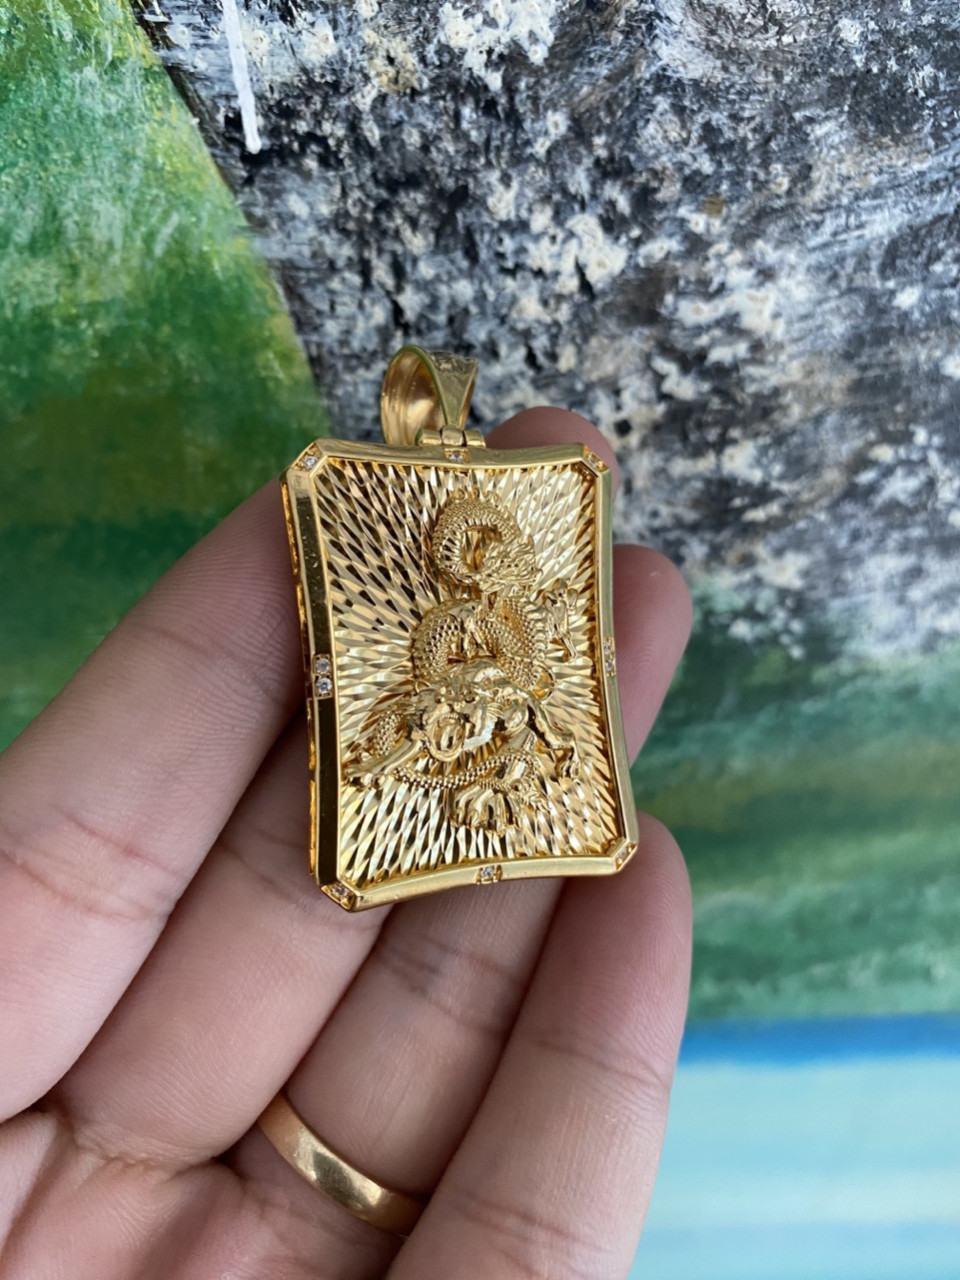 Mặt dây chuyền rồng vàng nguyên khối được chạm khắc tỉ mỉ, chuyên nghiệp